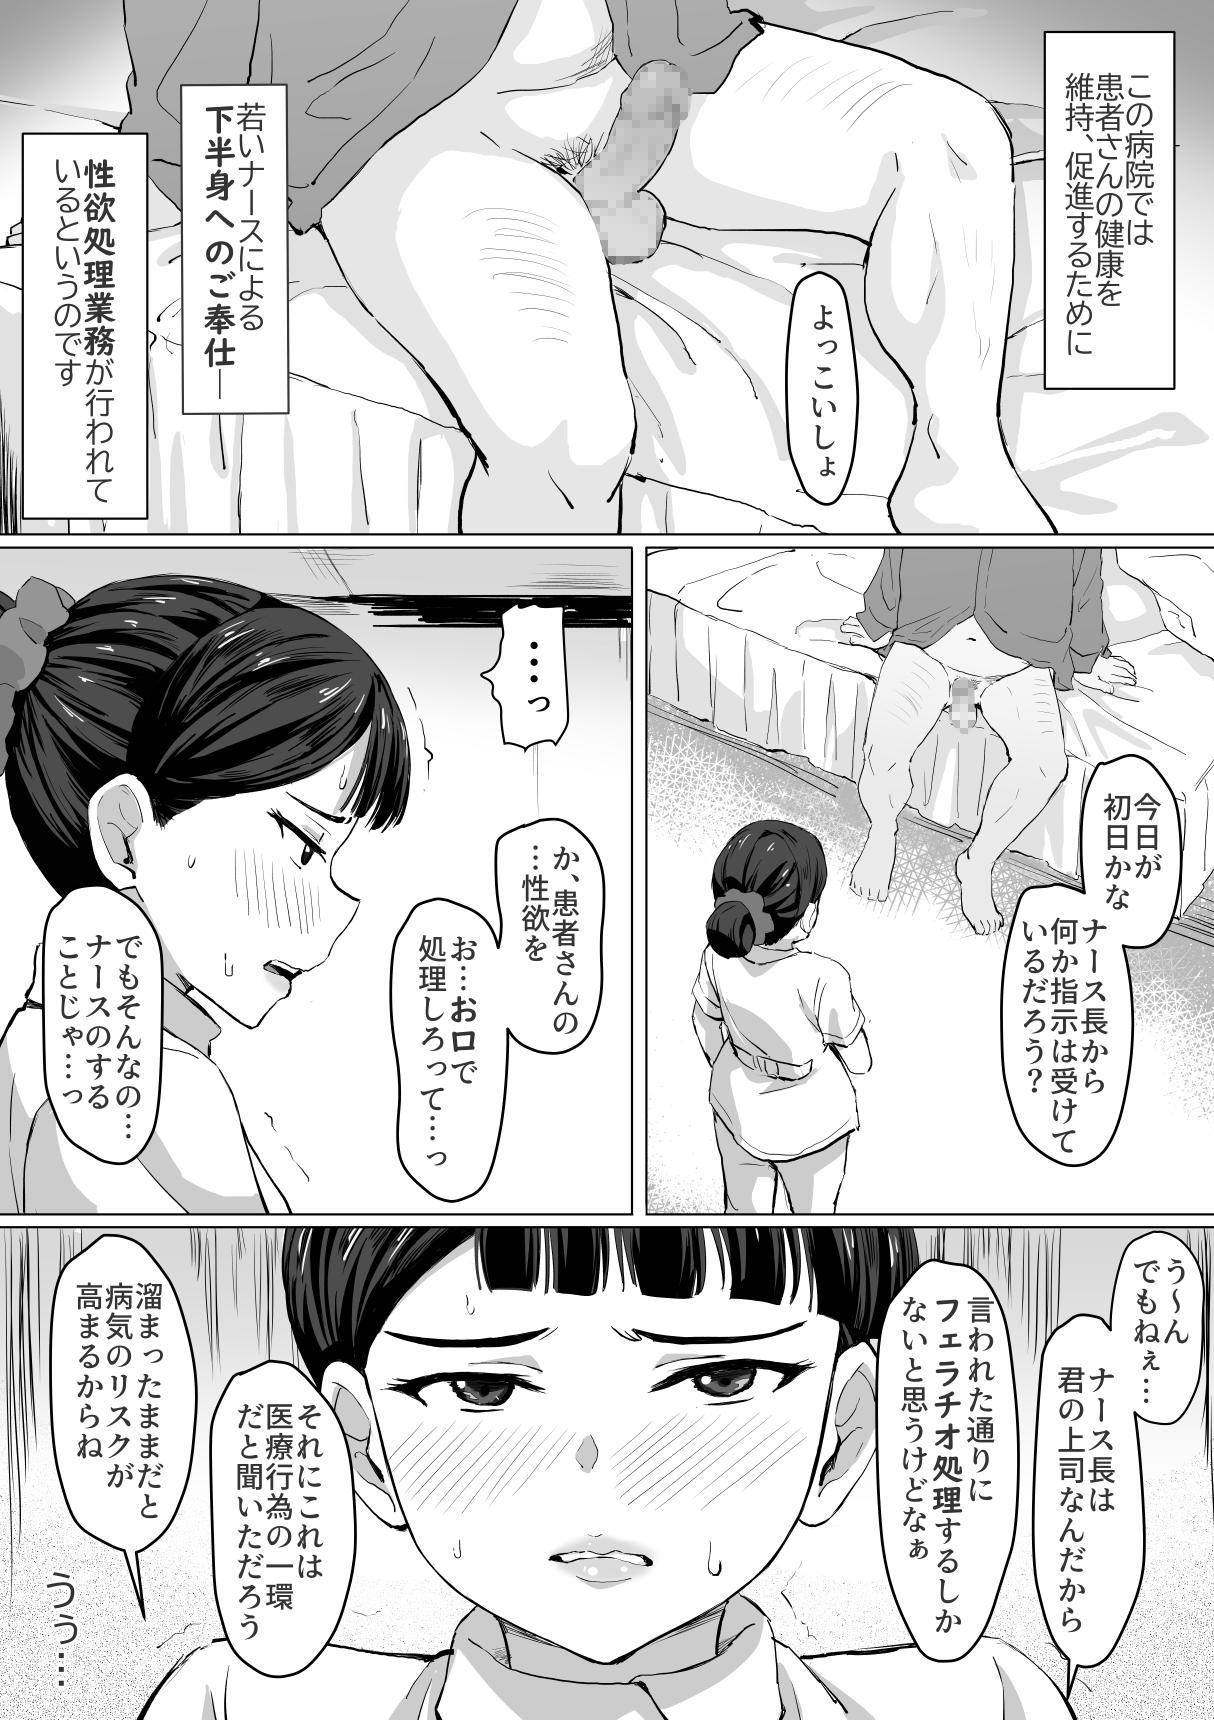 Kimajime Nurse no Seiyoku Shori Jisshuu 5